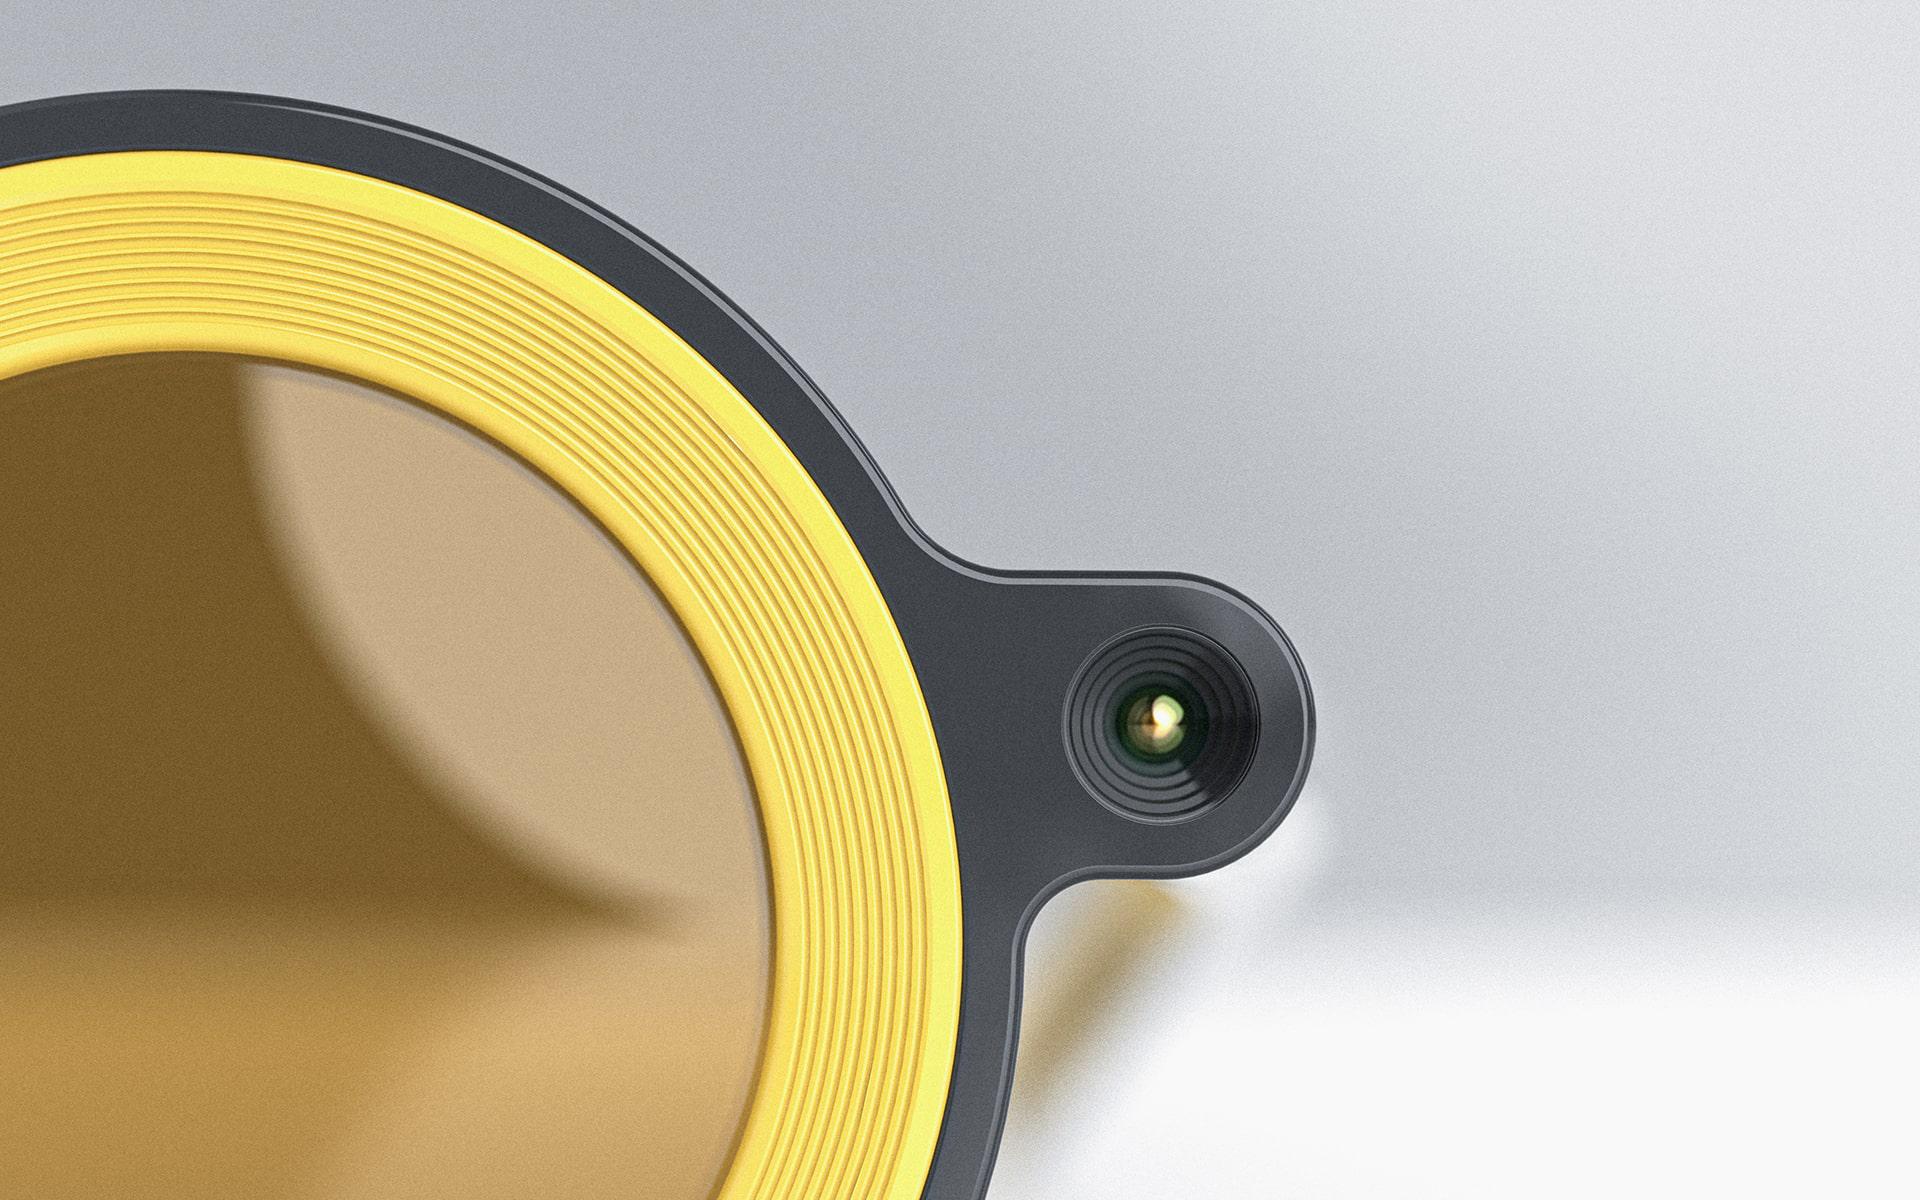 Snapchat-Glasses-12-min